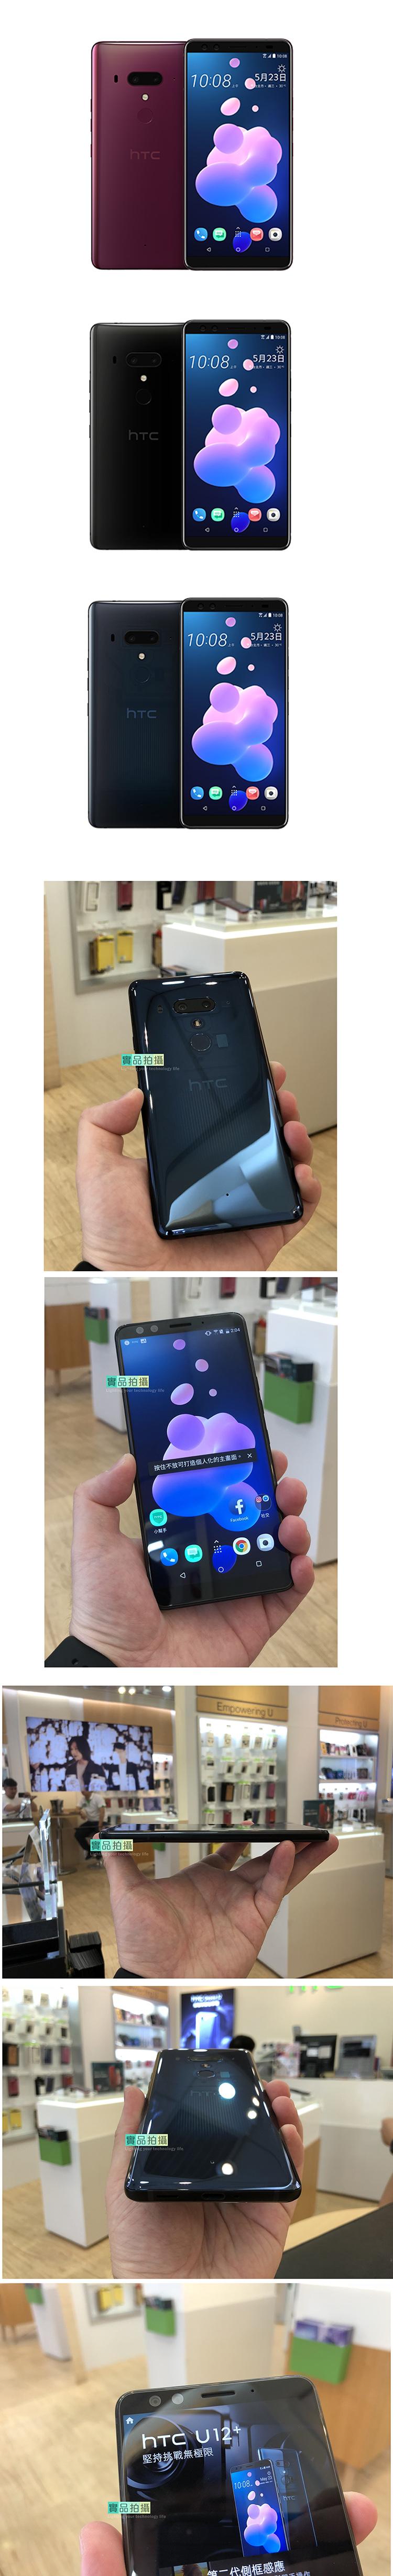 U12+手機官圖實品圖